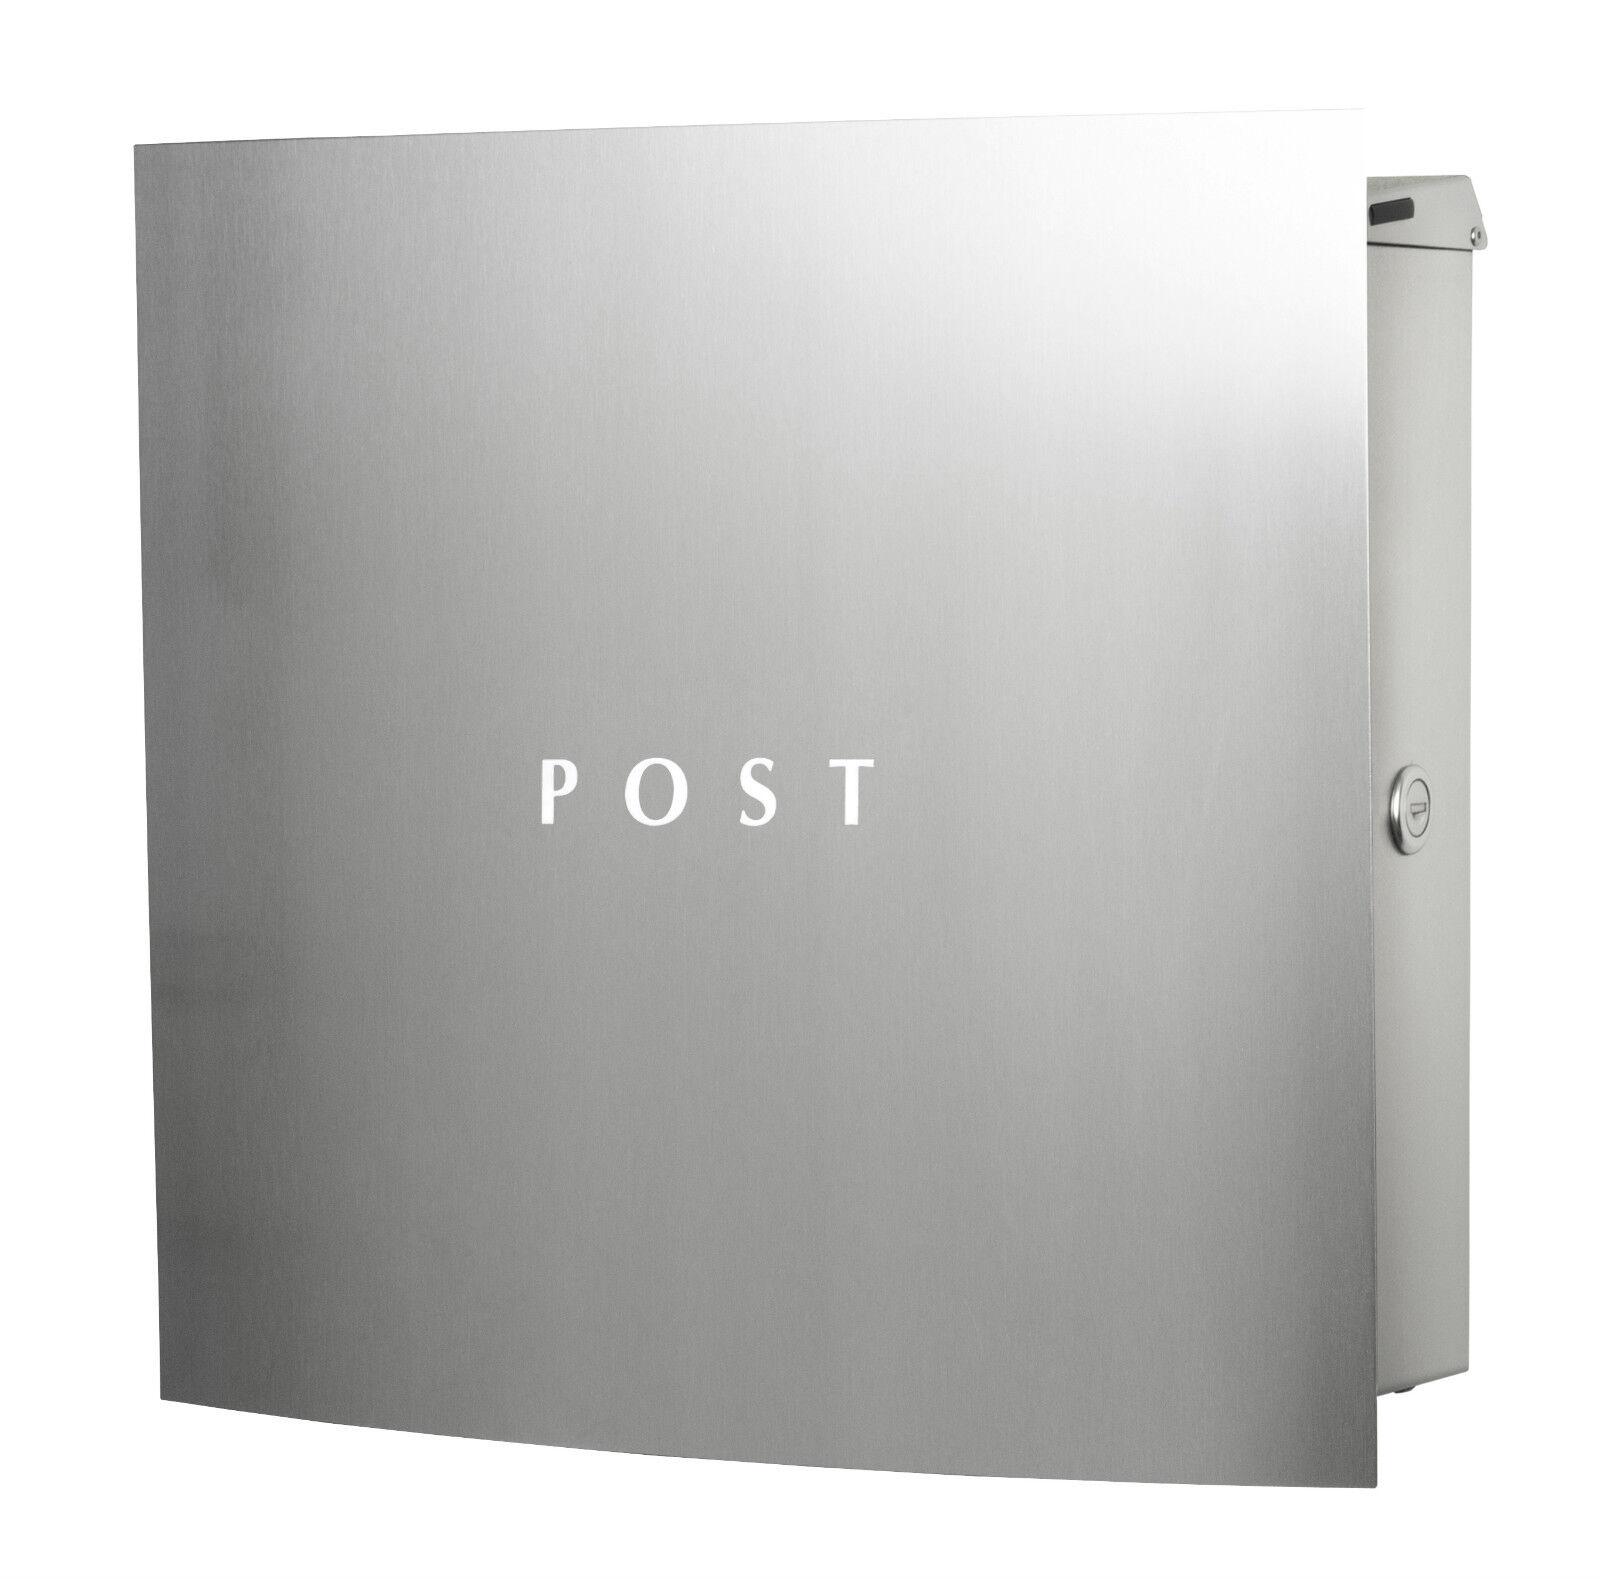 KNOBLOCH Dessau BS1010-5-VA Aufputz-Briefkasten Edelstahl Postkasten Briefbox